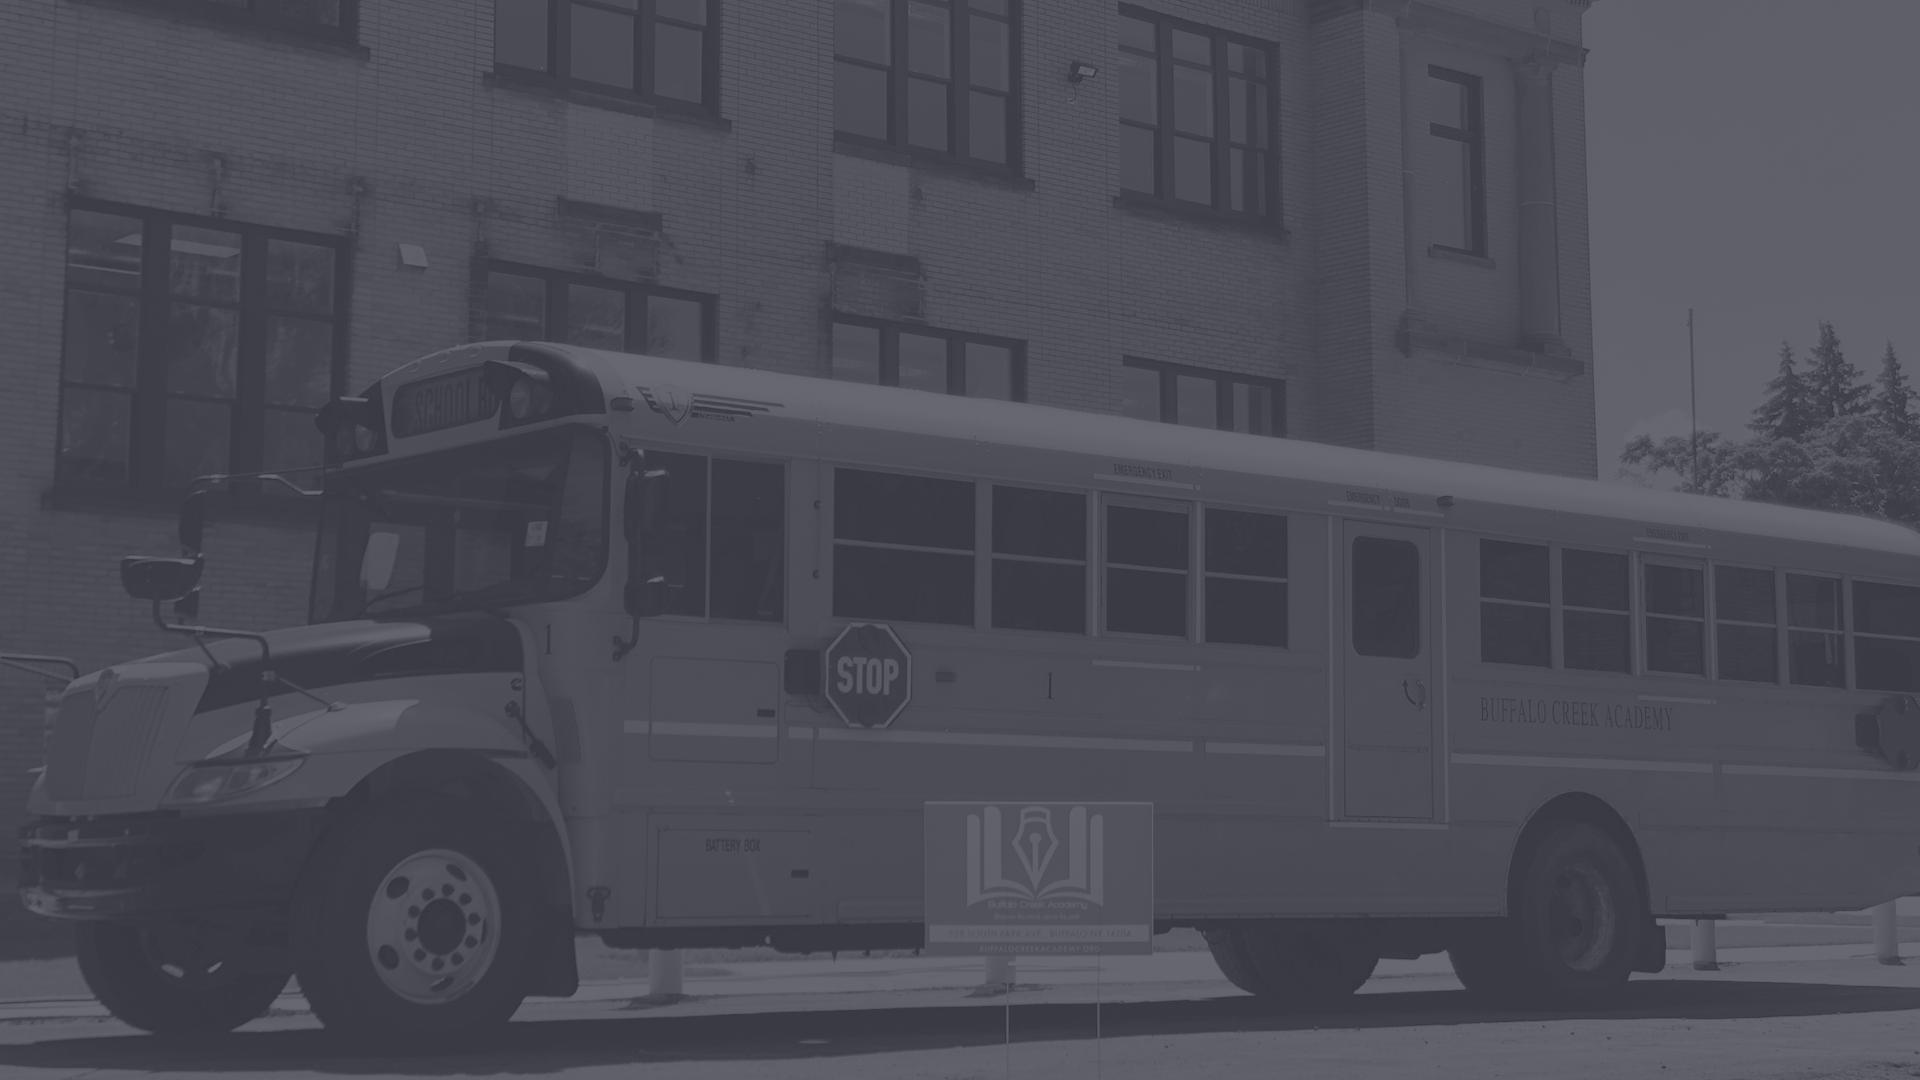 BCA Bus and School Building